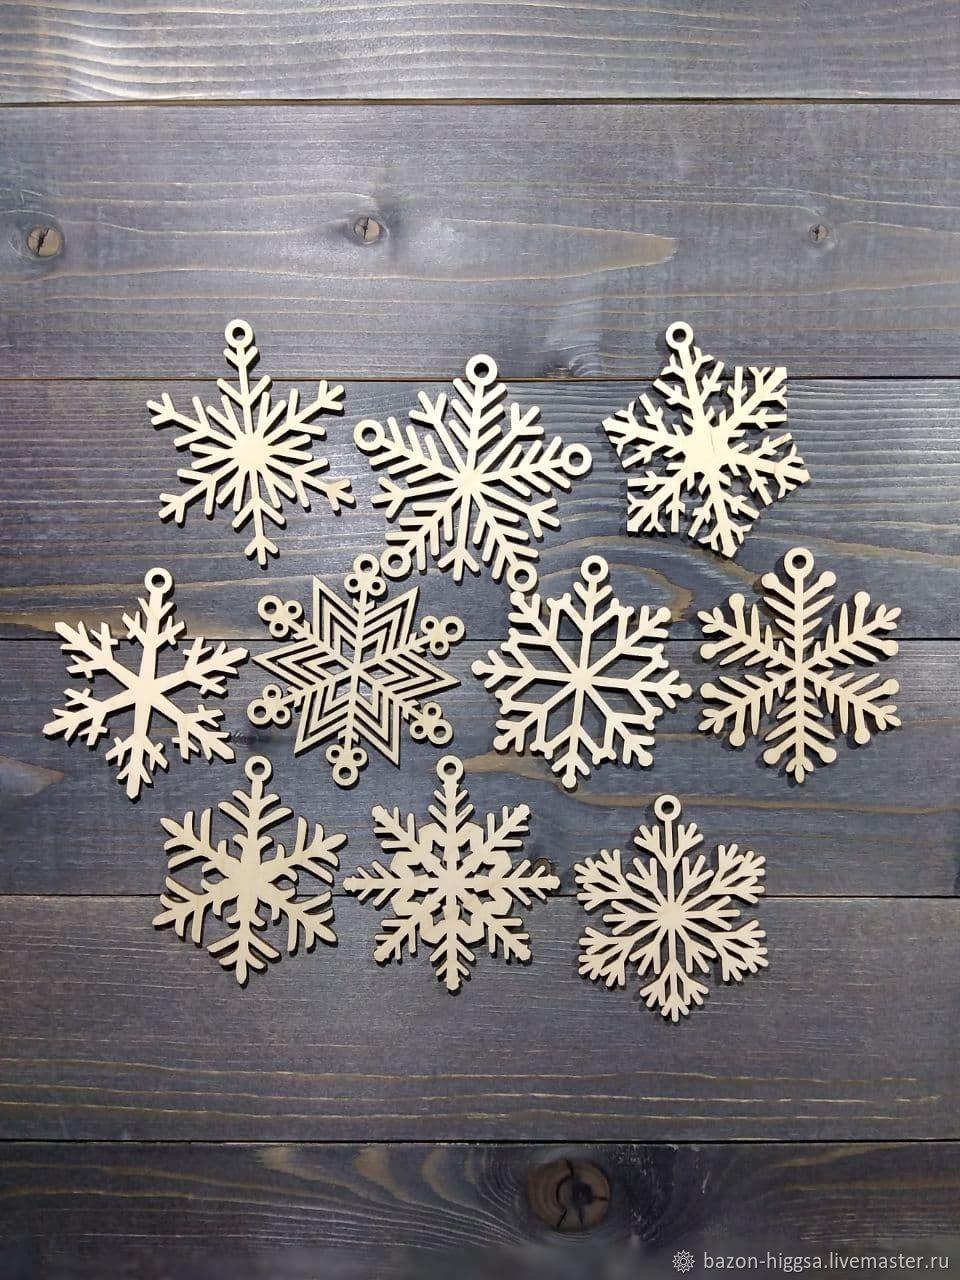 Набор снежинок 10 шт, Новогодние сувениры, Санкт-Петербург,  Фото №1